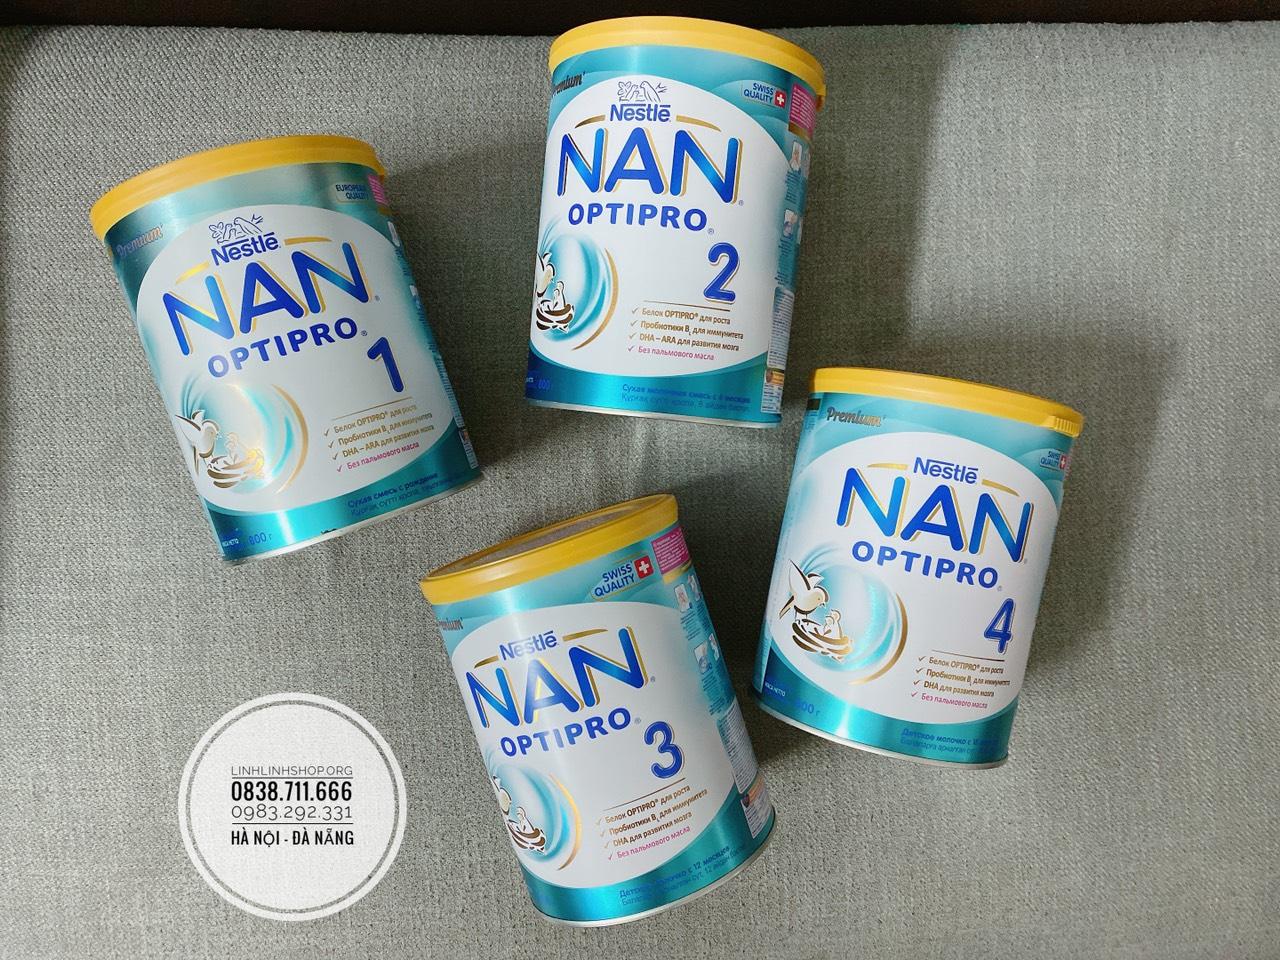 Sữa Nan hộp 800g - Hàng xách tay Nga